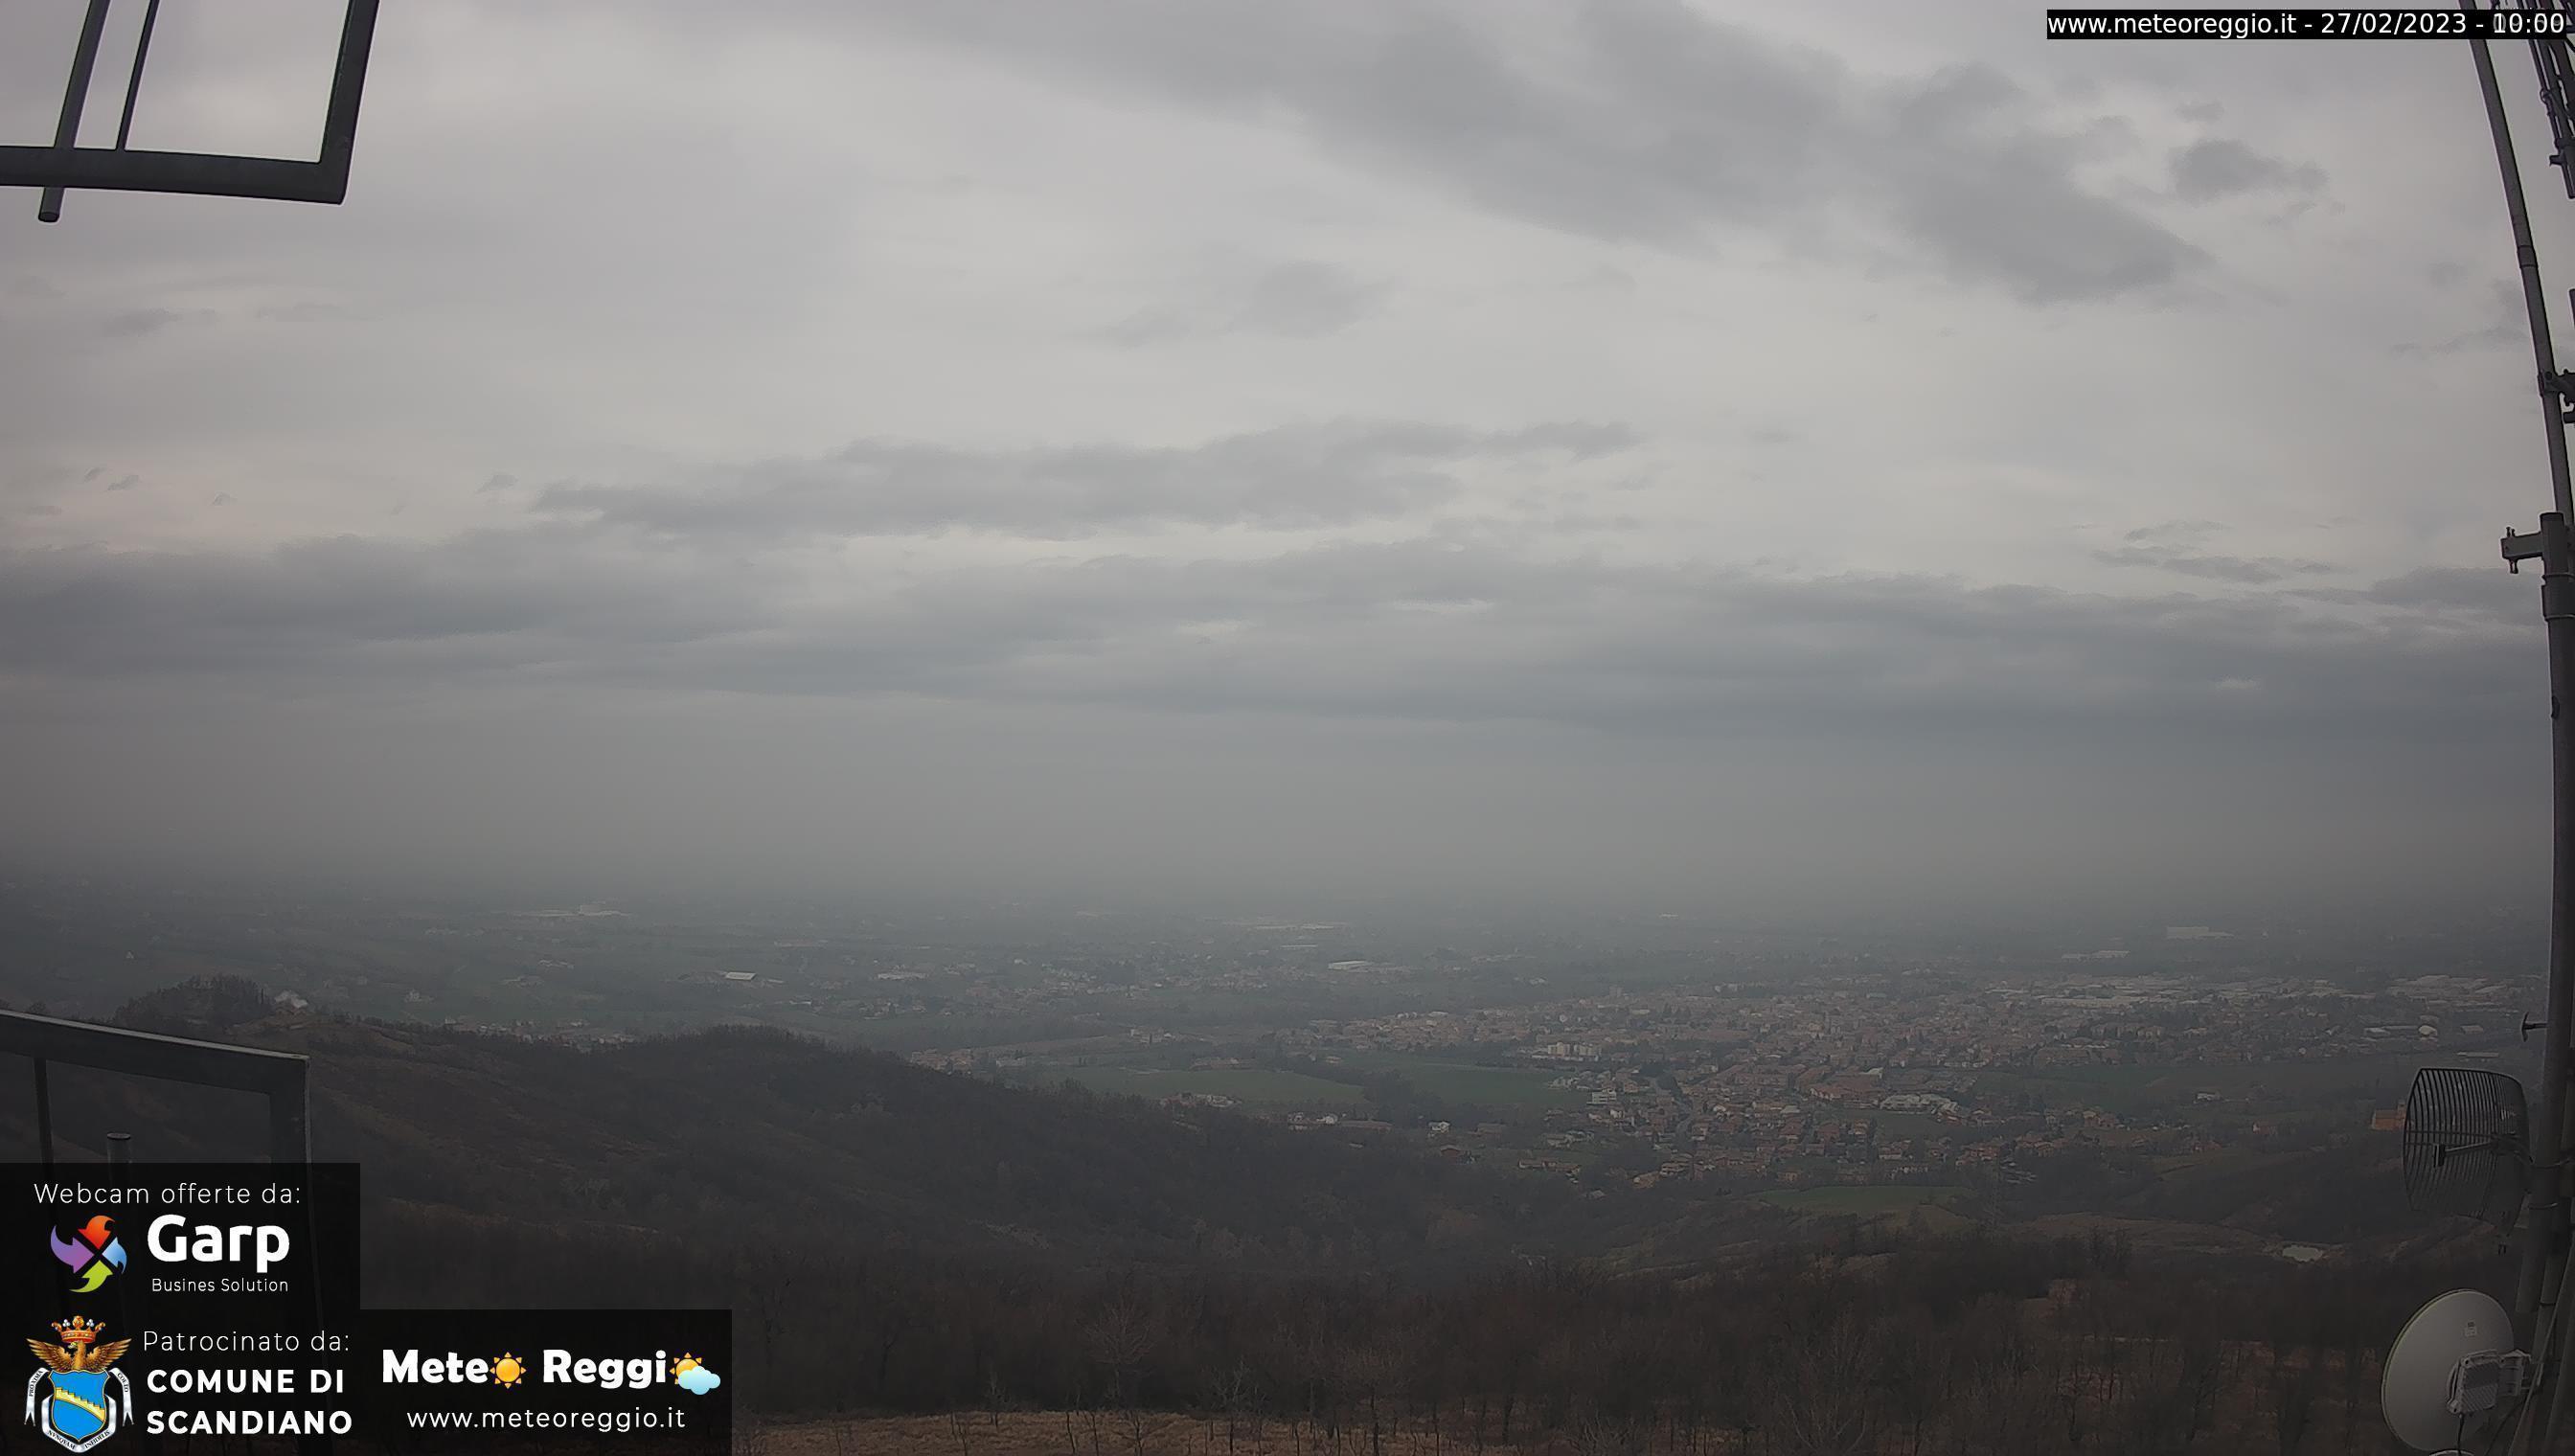 Meteo Reggio | Le Webcam Panoramiche di Reggio Emilia